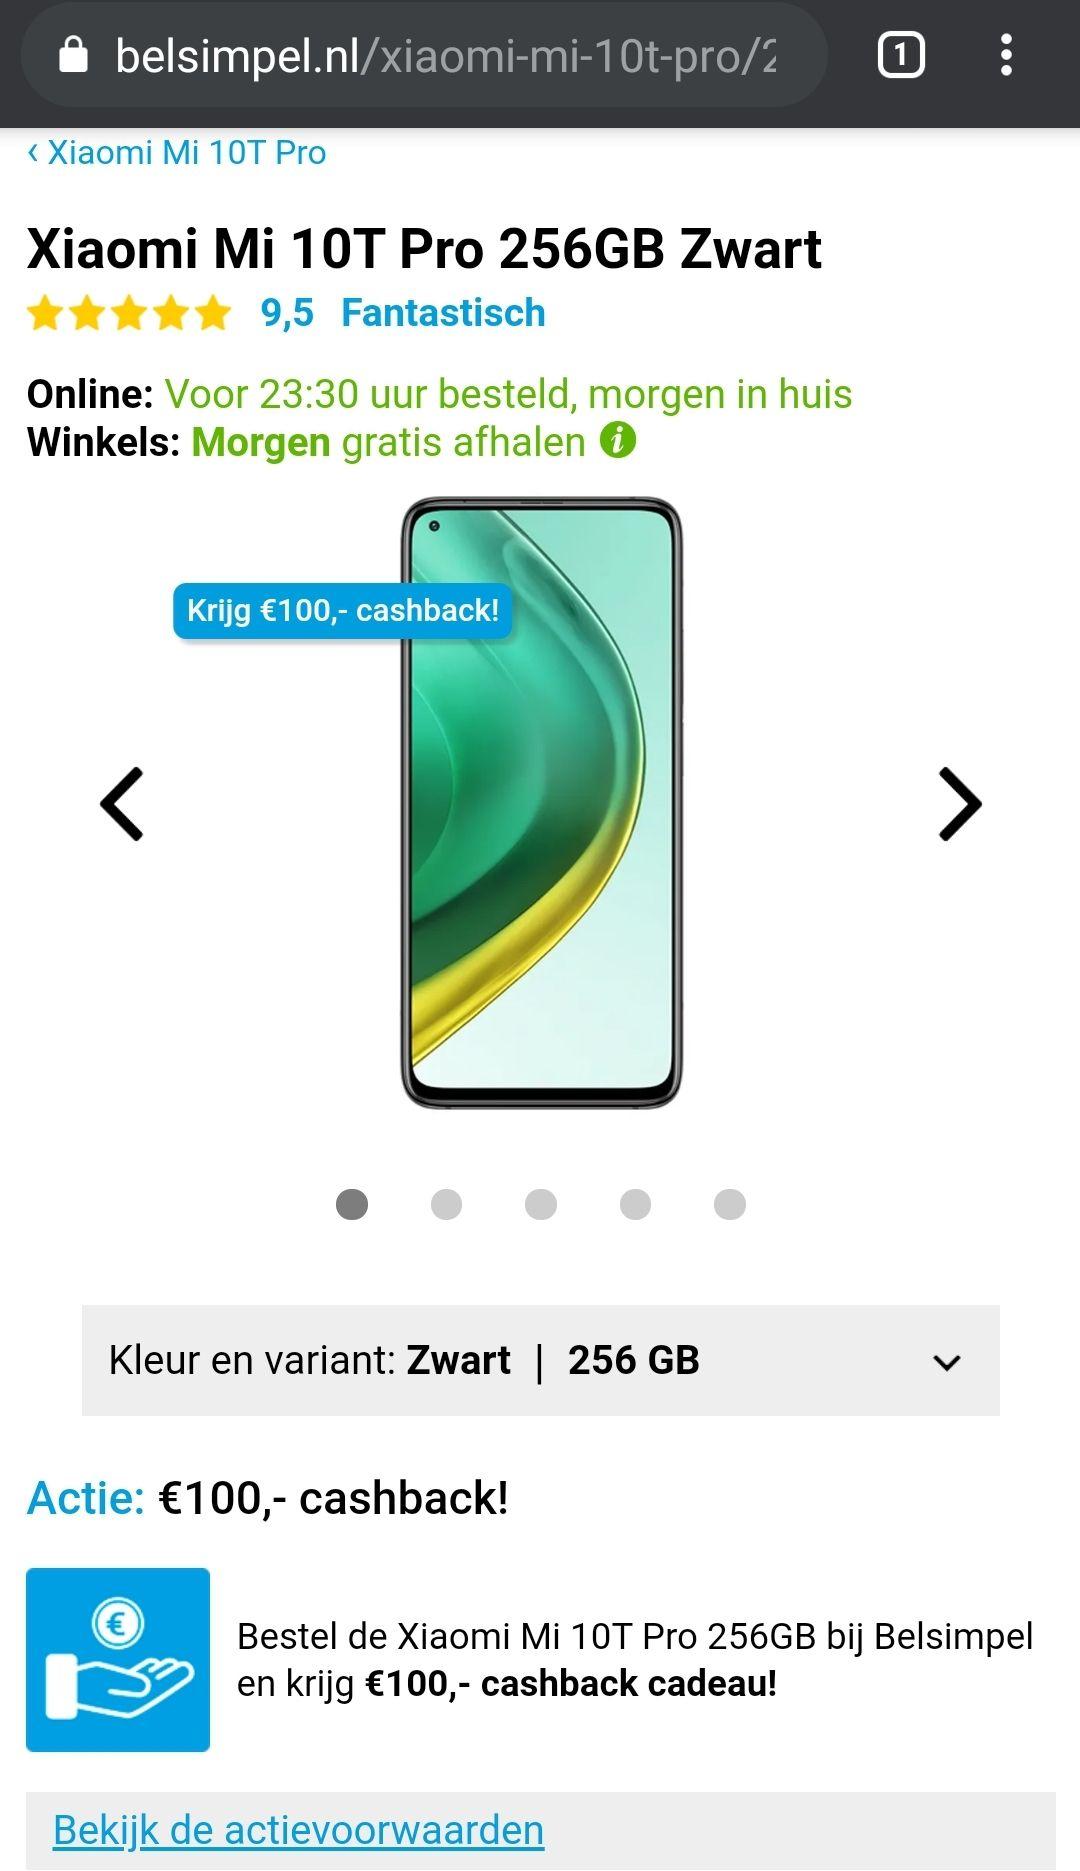 Xiaomi mi 10t pro 256gb met cashback